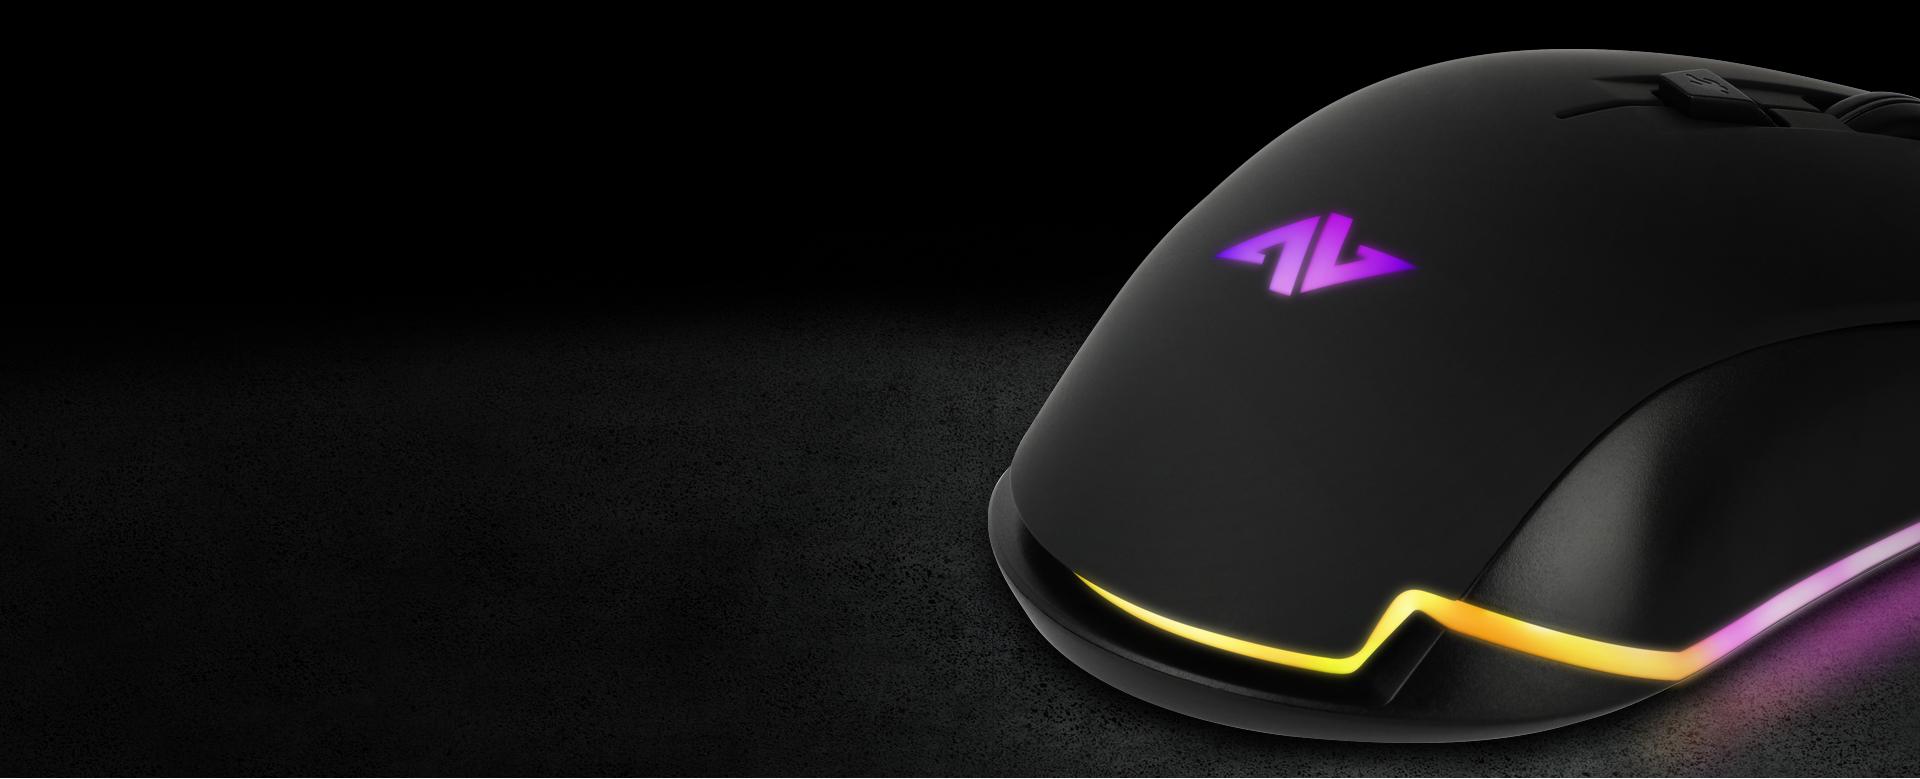 Ratón Gaming Astra AM8 imagen descripción cubierta antideslizante